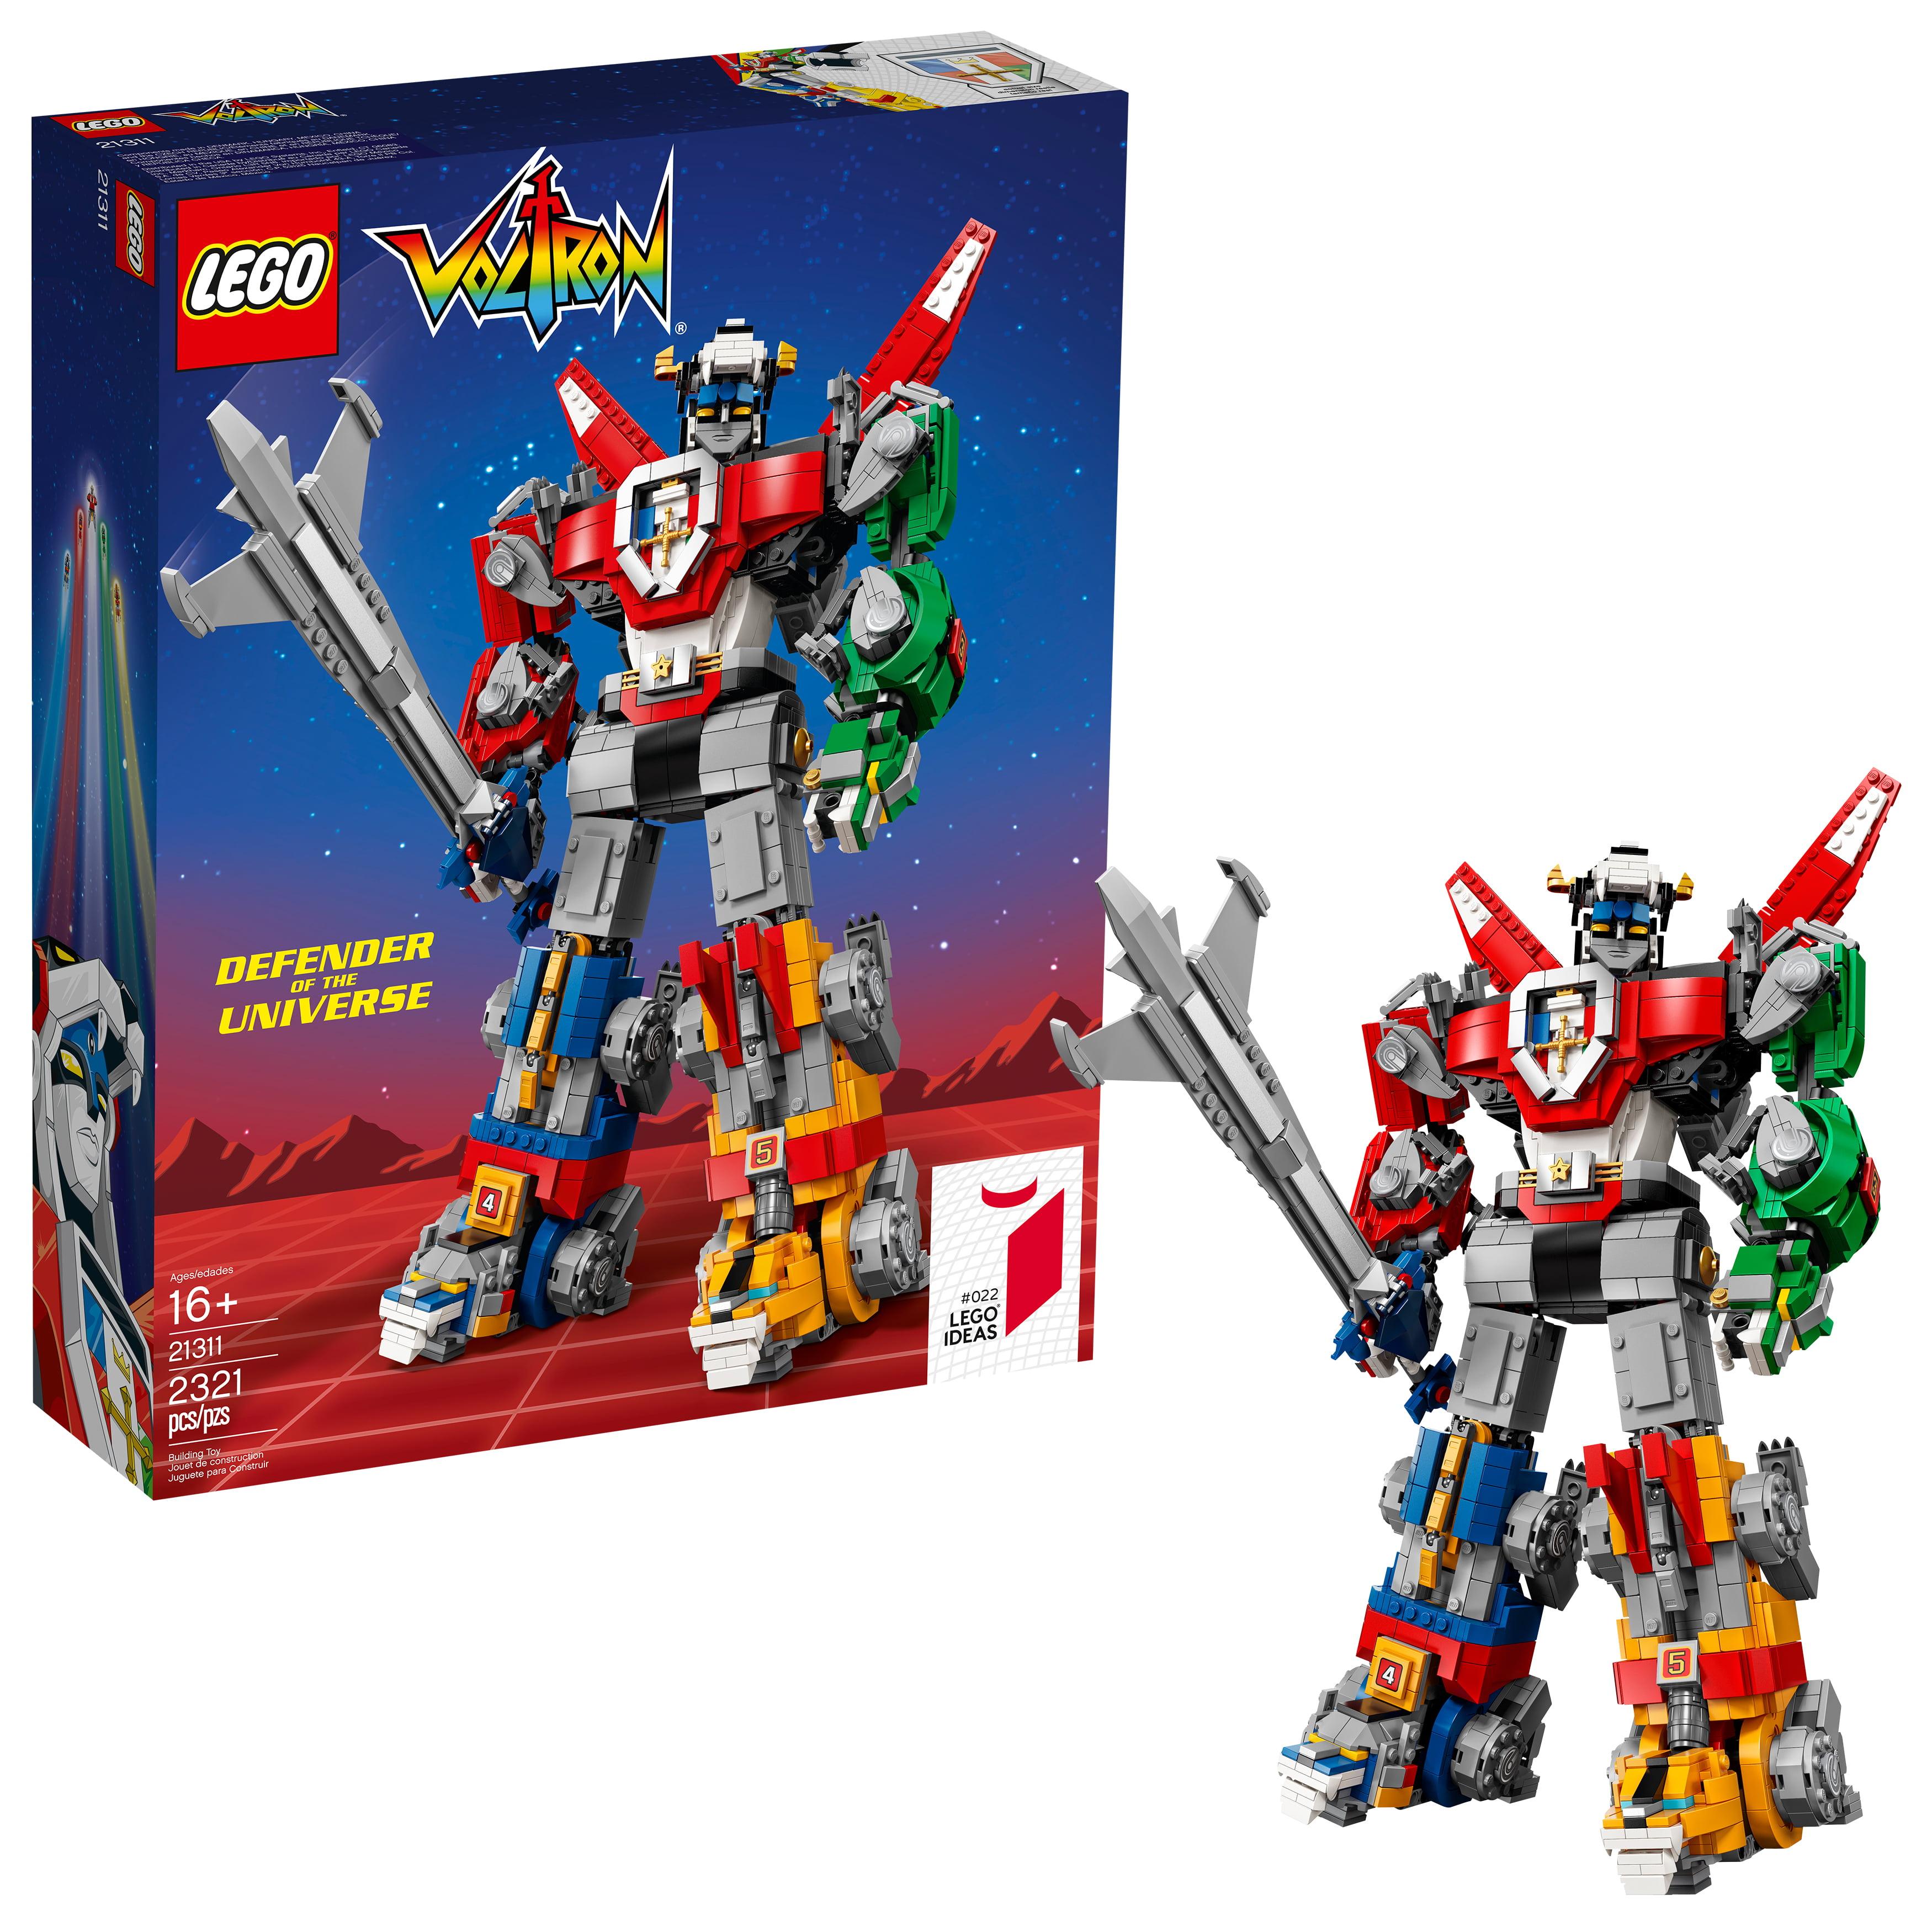 Lego Ideas Voltron 21311 by LEGO System Inc